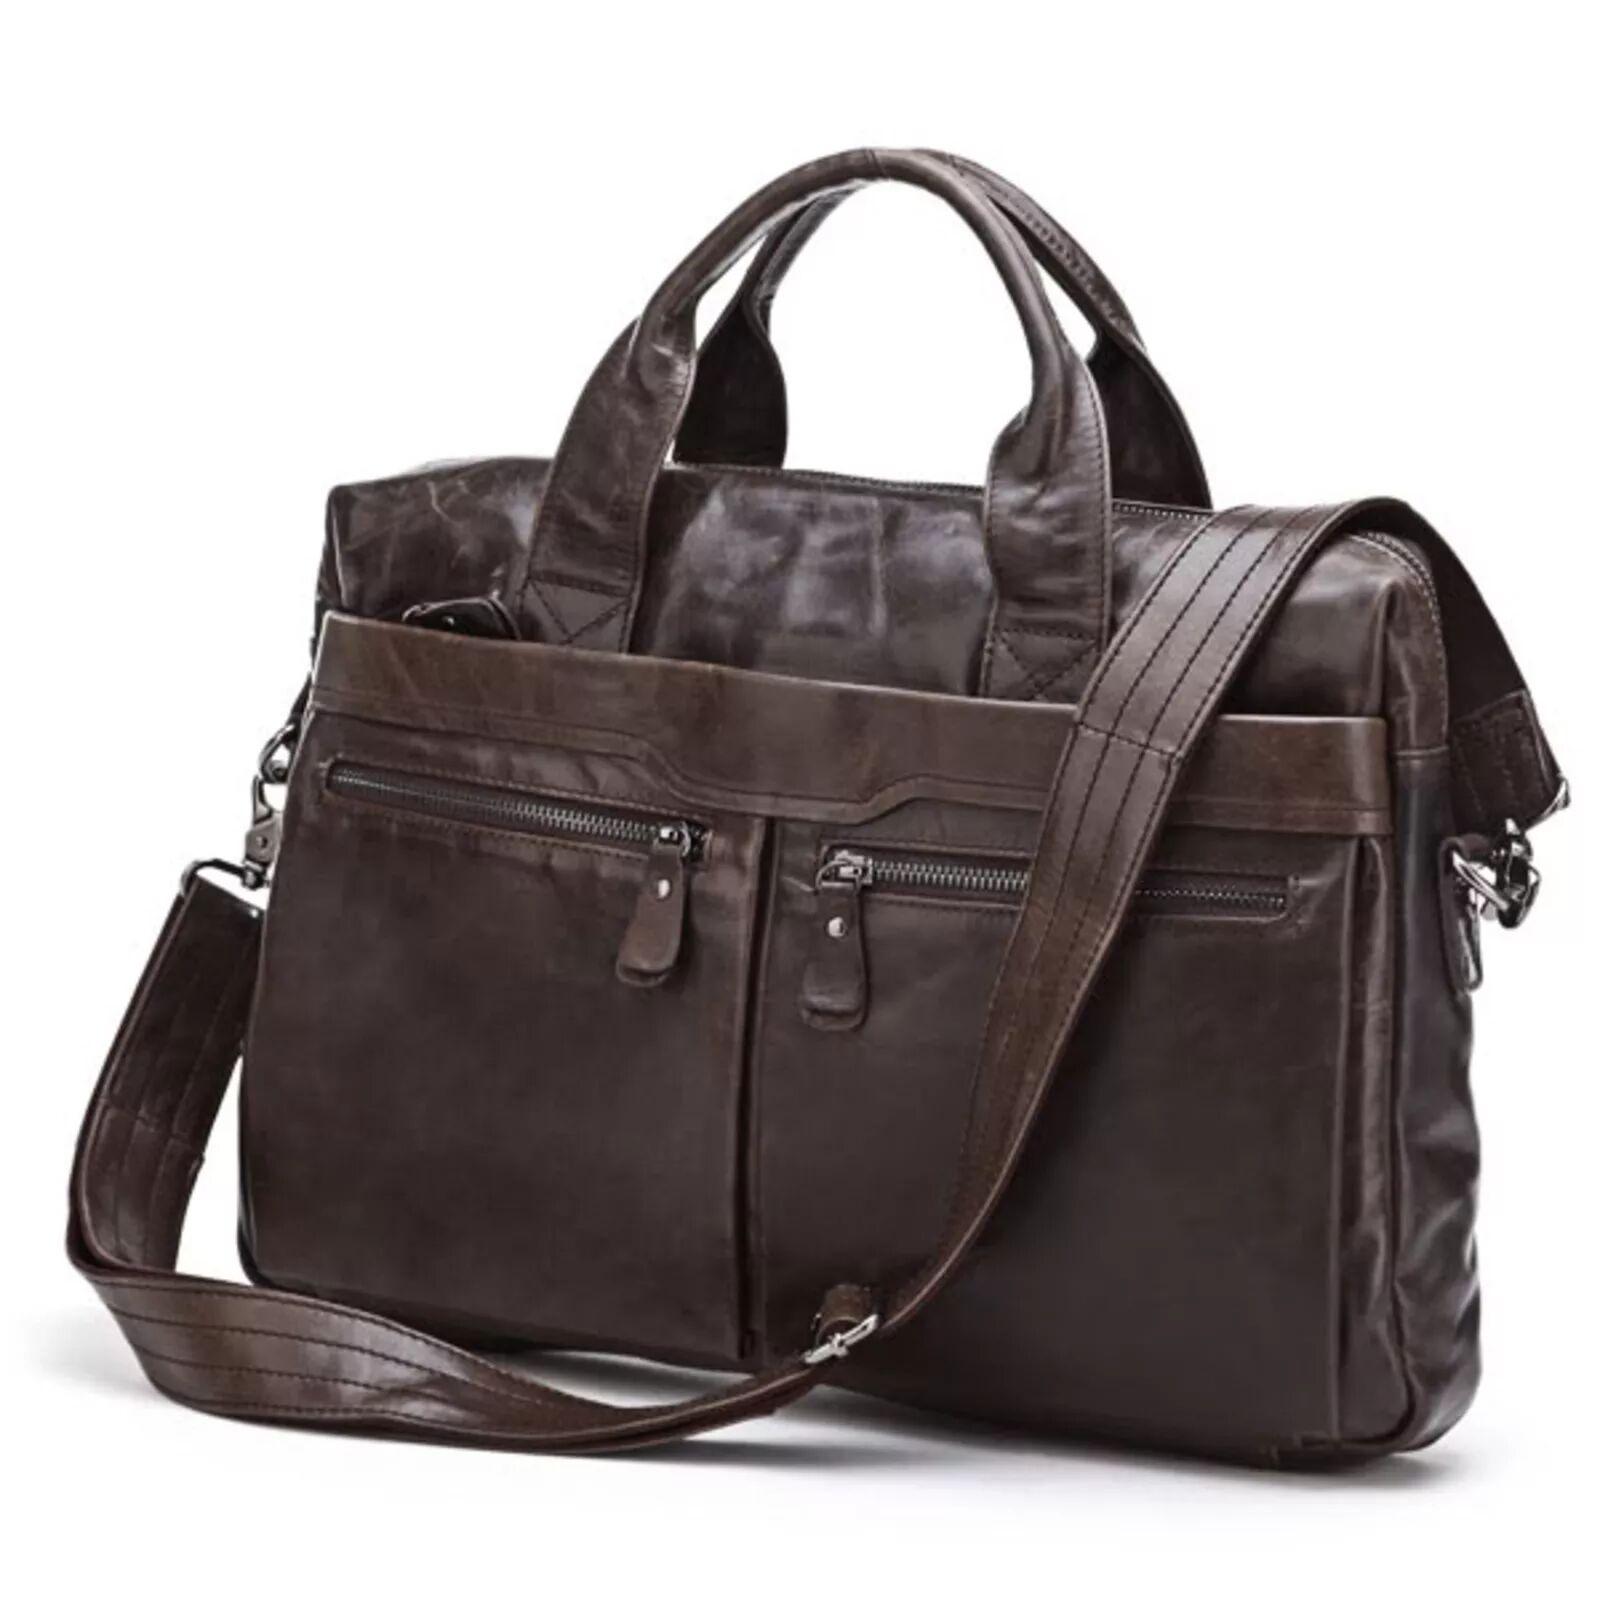 Delton Bags Sac en cuir pour ordinateur marron